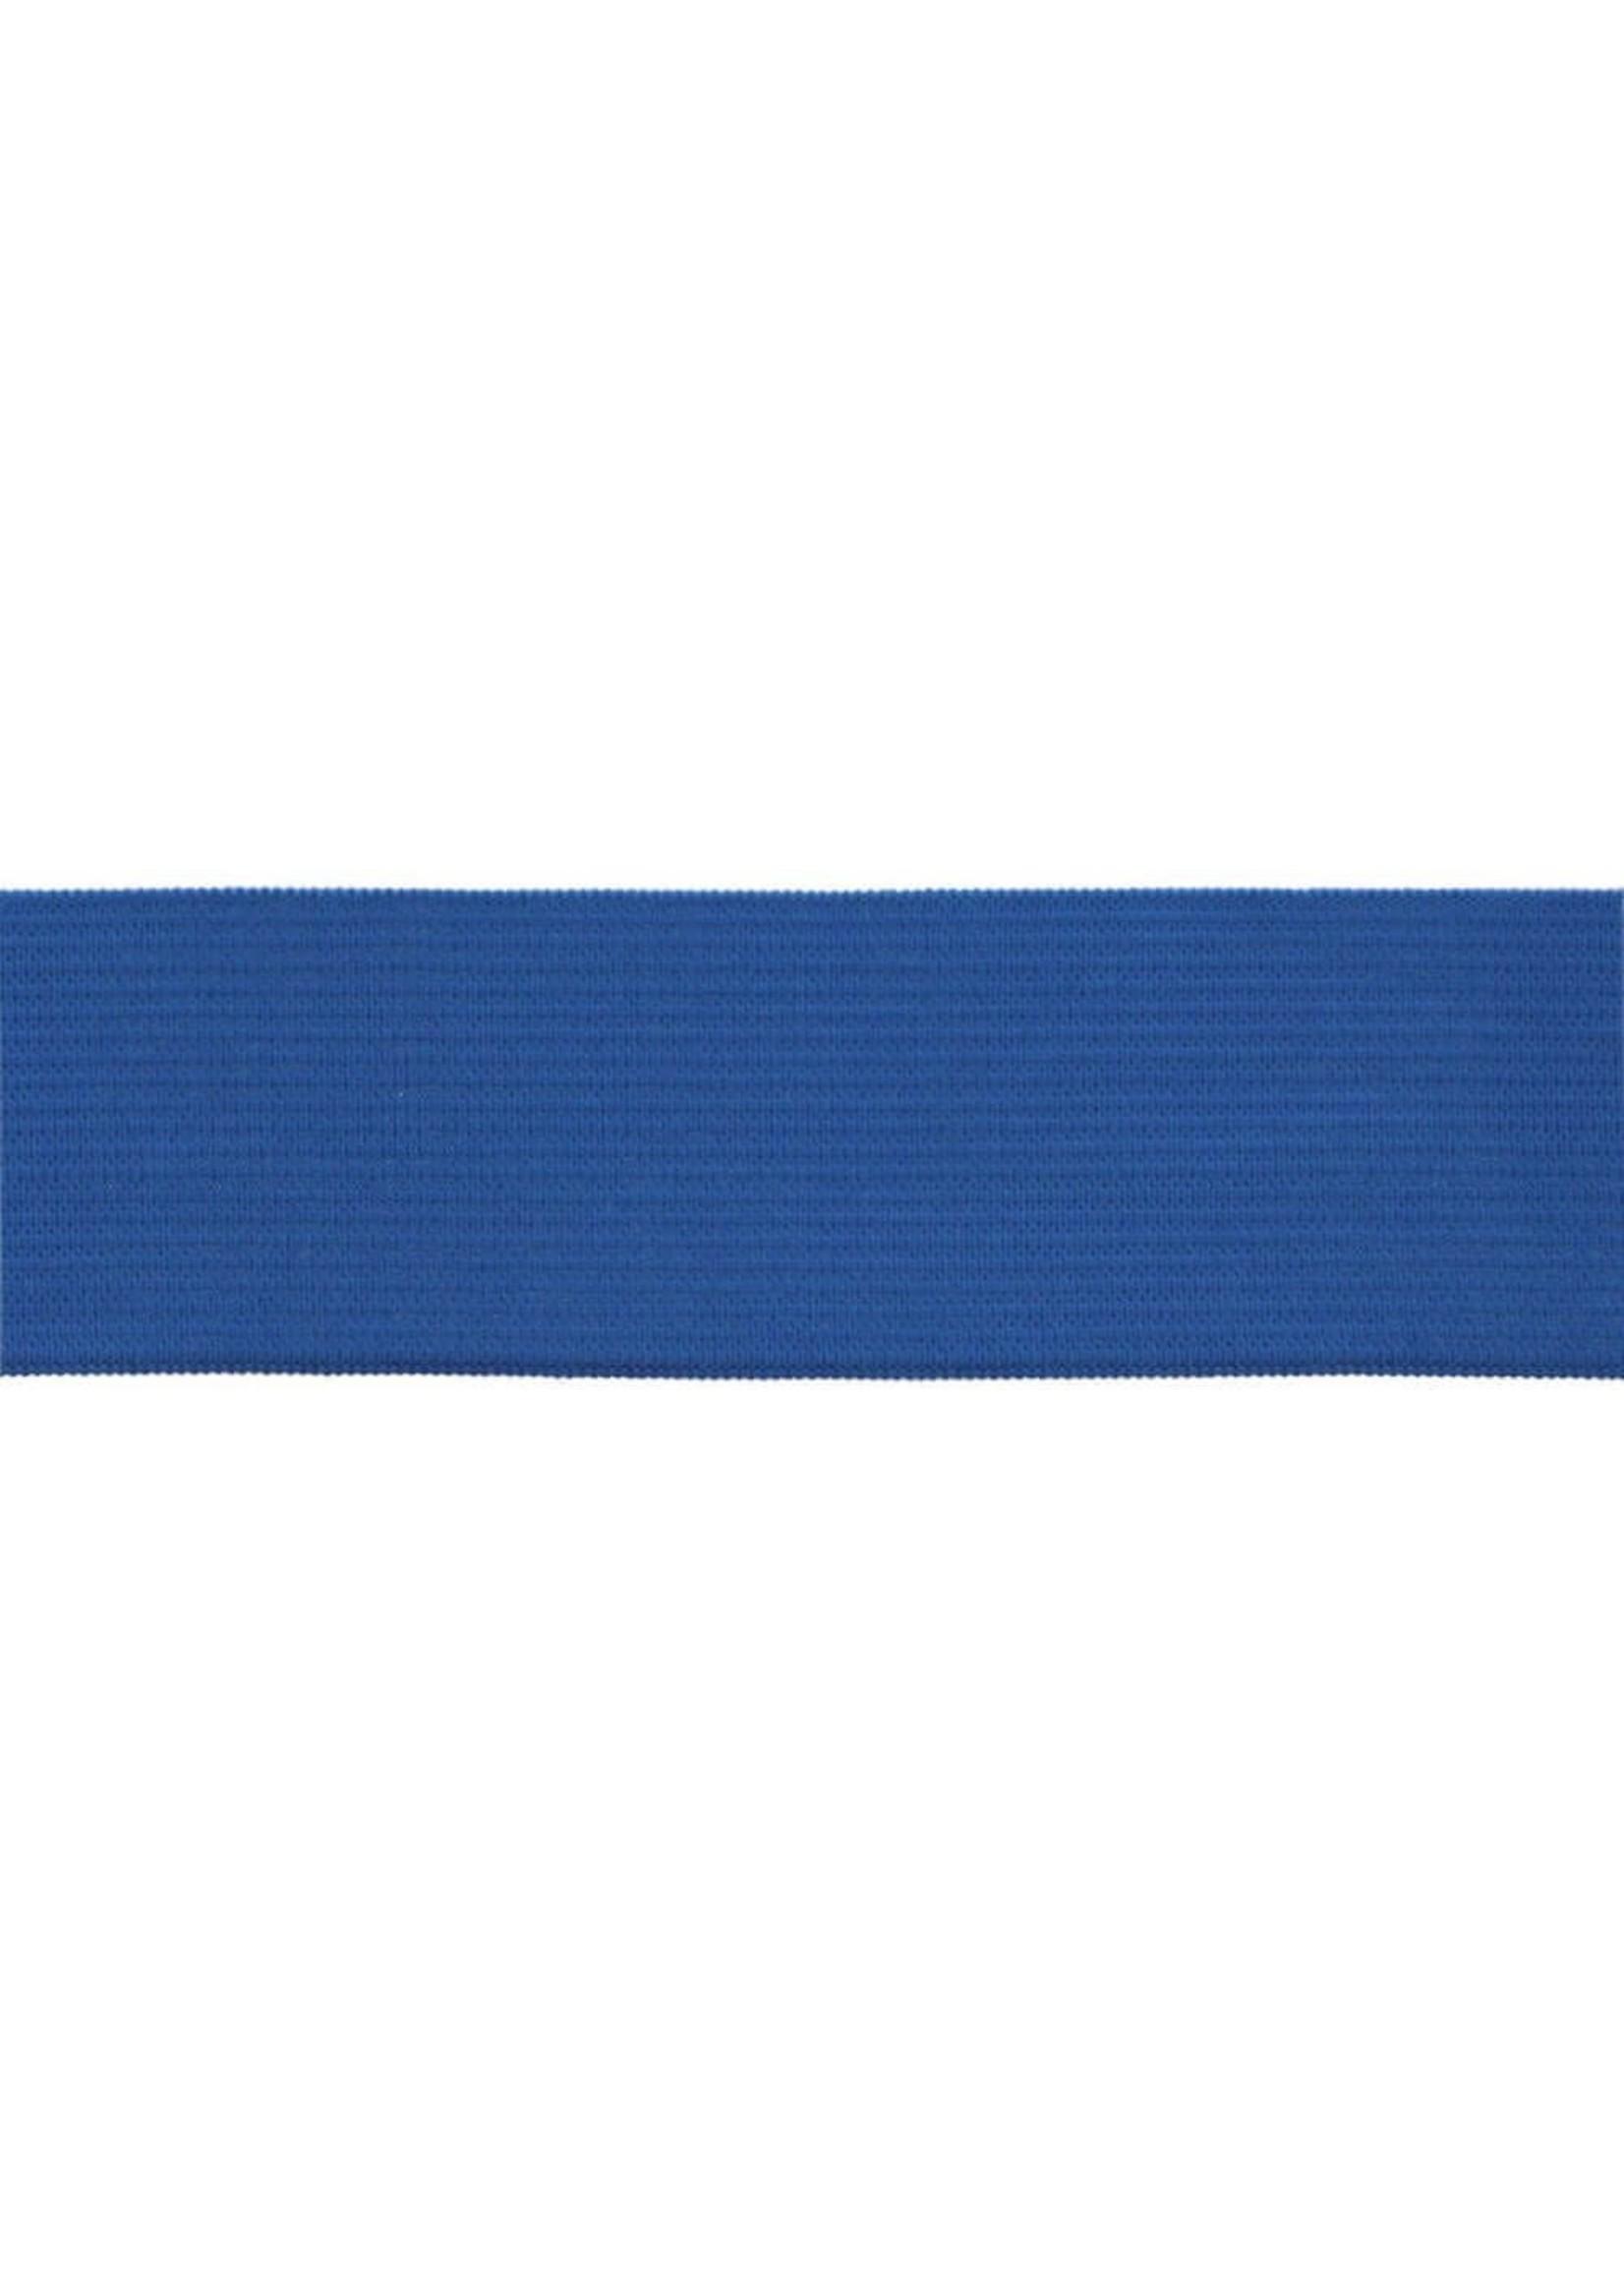 Ceintuurelastiek 40mm - Blauw